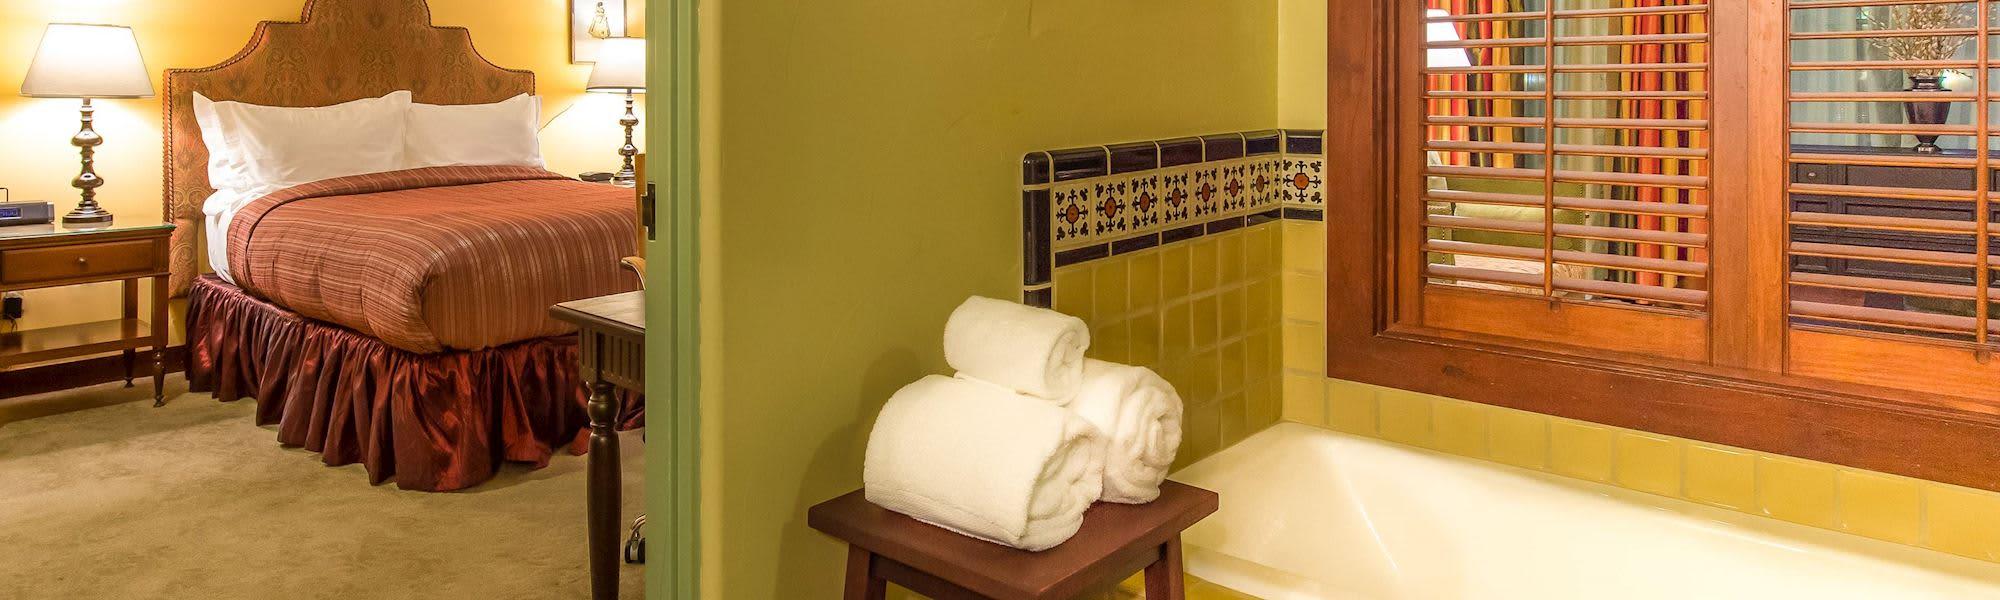 Rooms at Hotel Los Gatos - A Greystone Hotel